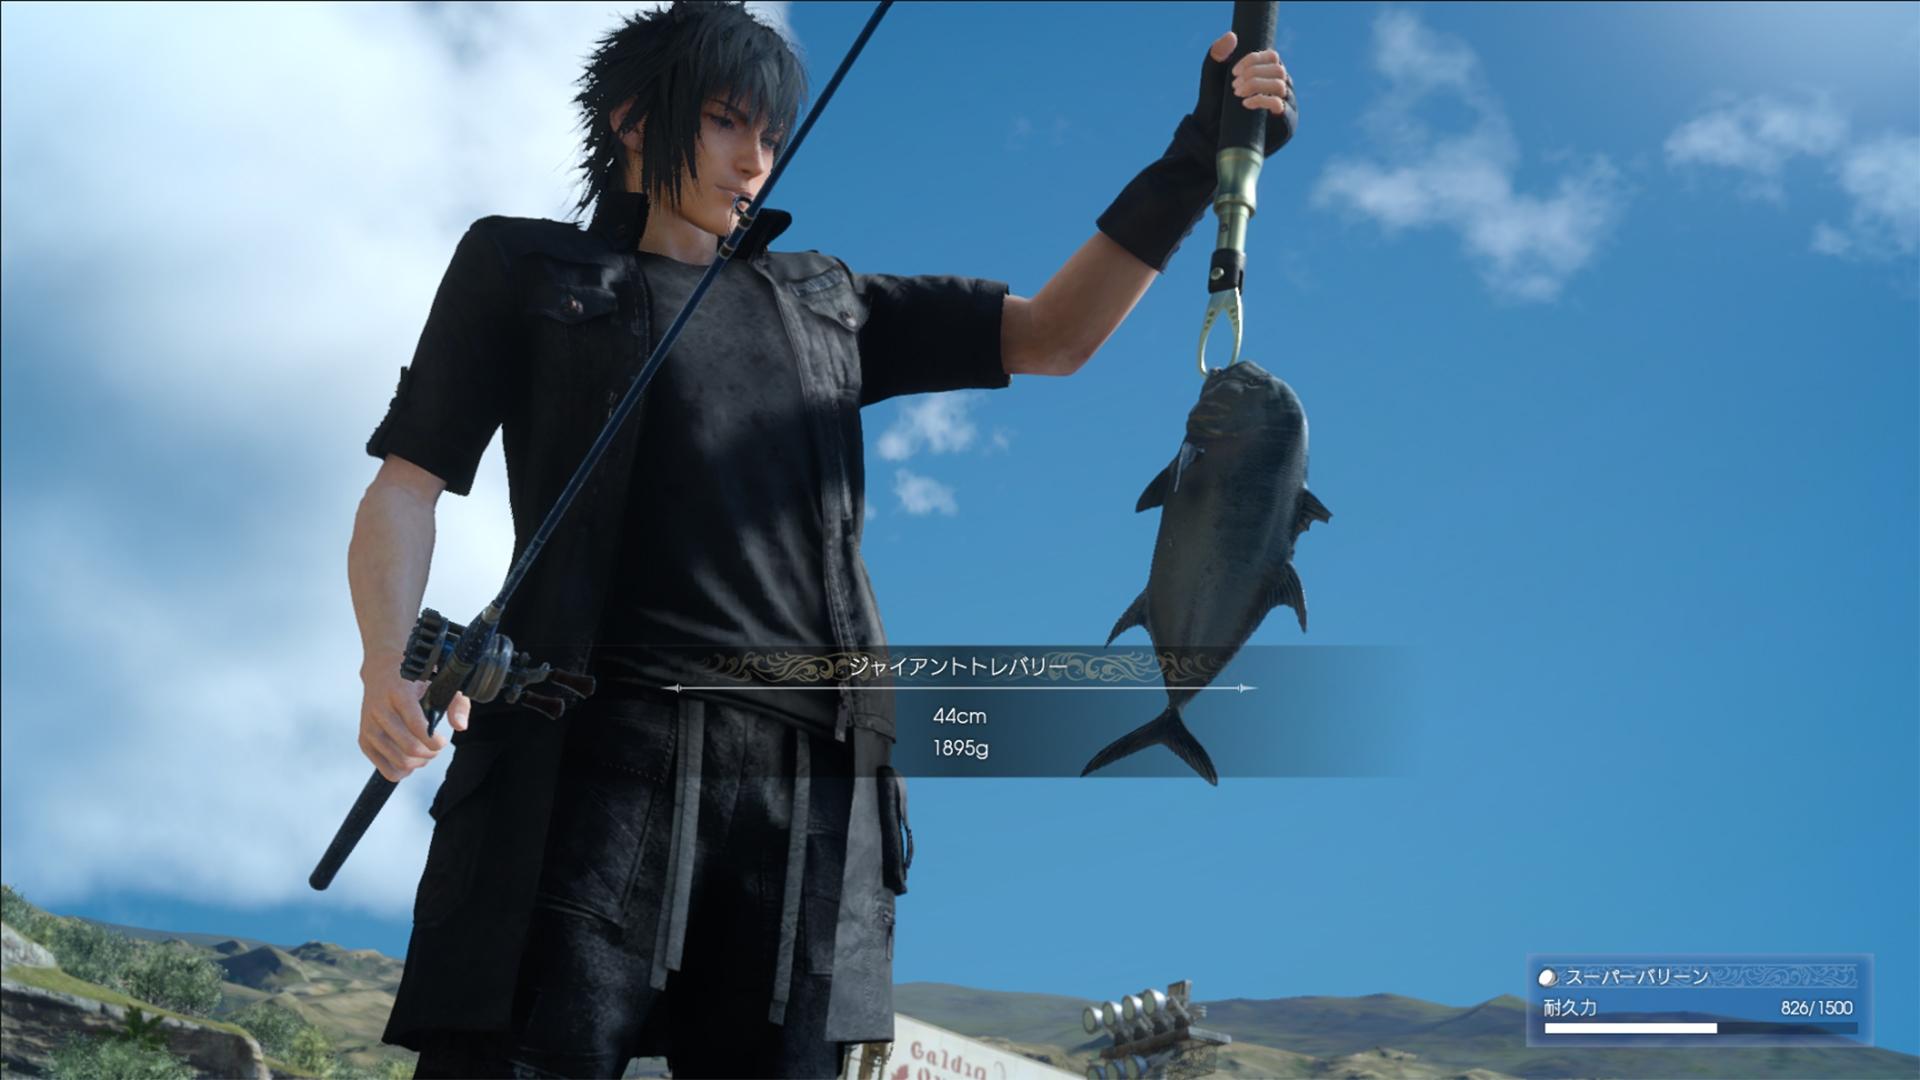 برنامههای بزرگ اسکوئر اینکس برای آینده Final Fantasy XV در گیمزکام معرفی میشوند